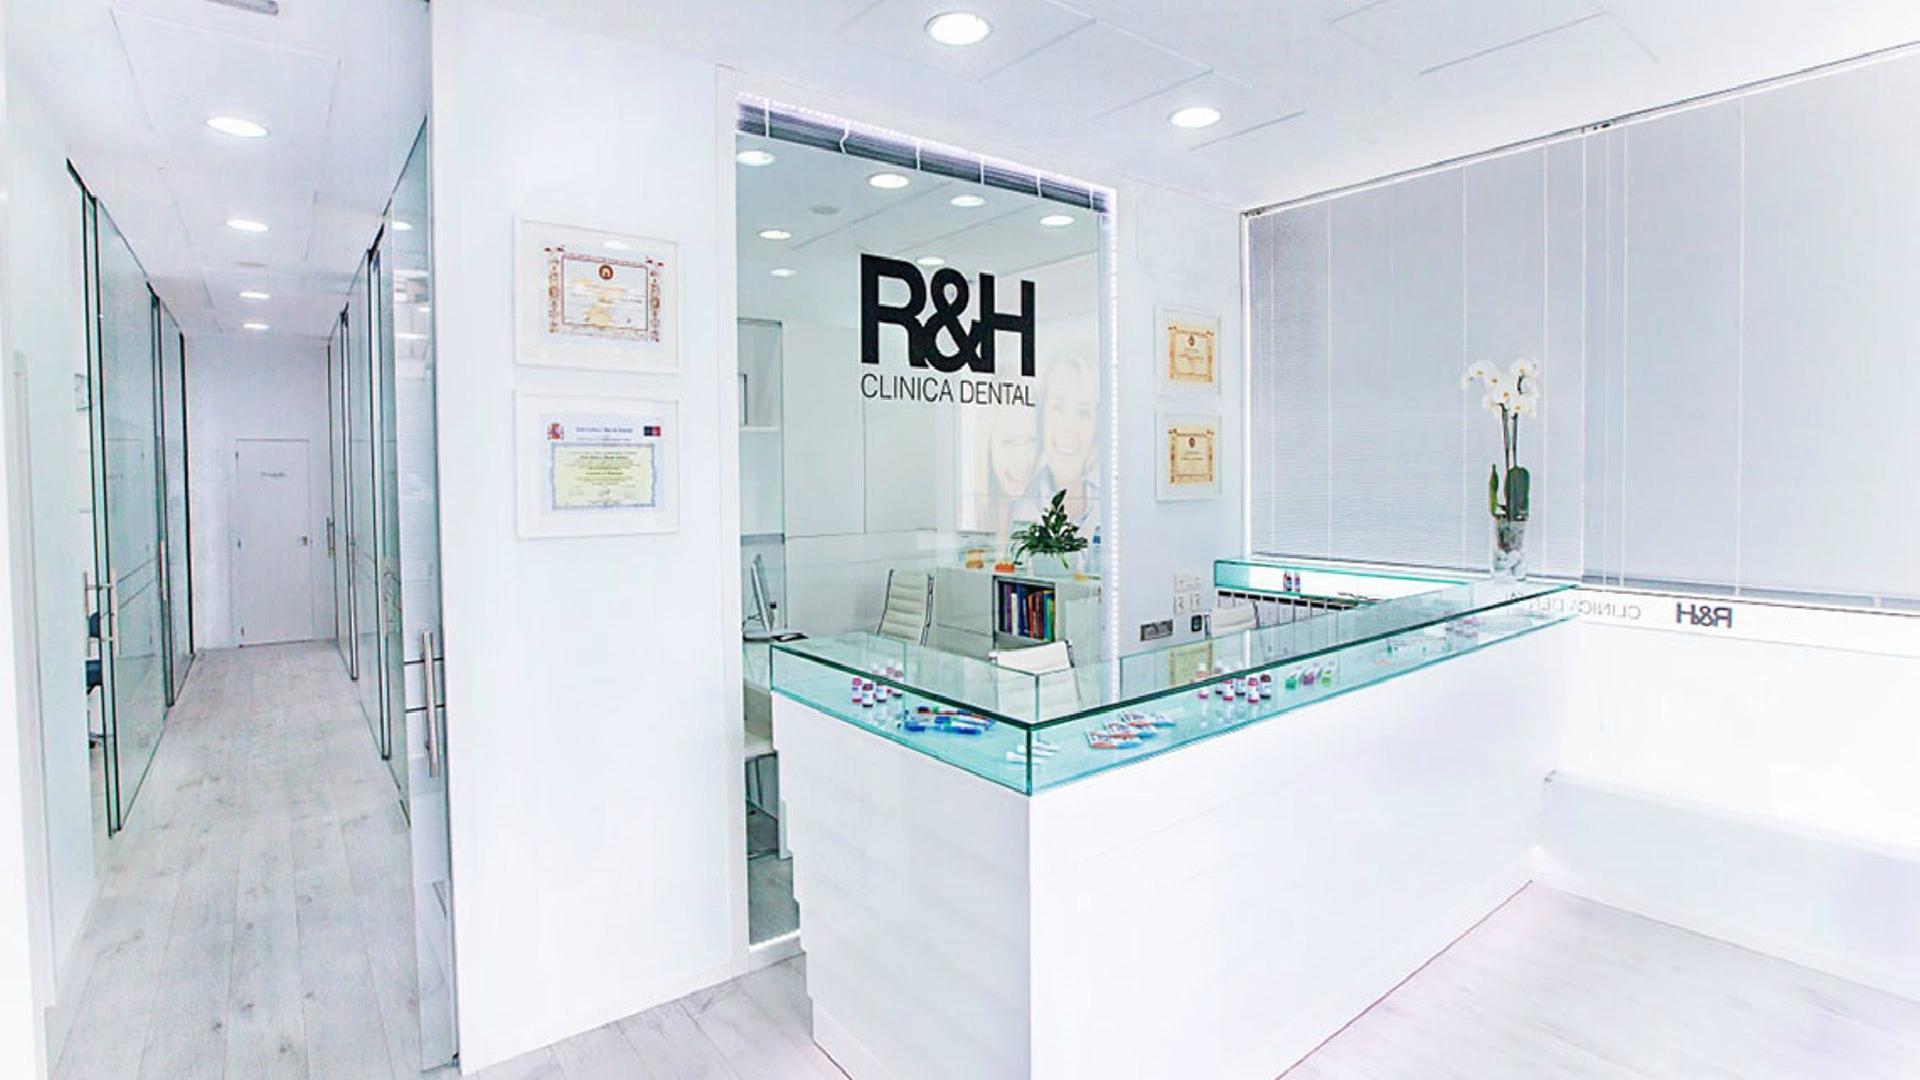 Scp reformas especialistas en dise o y reforma de - Proyecto clinica dental ...